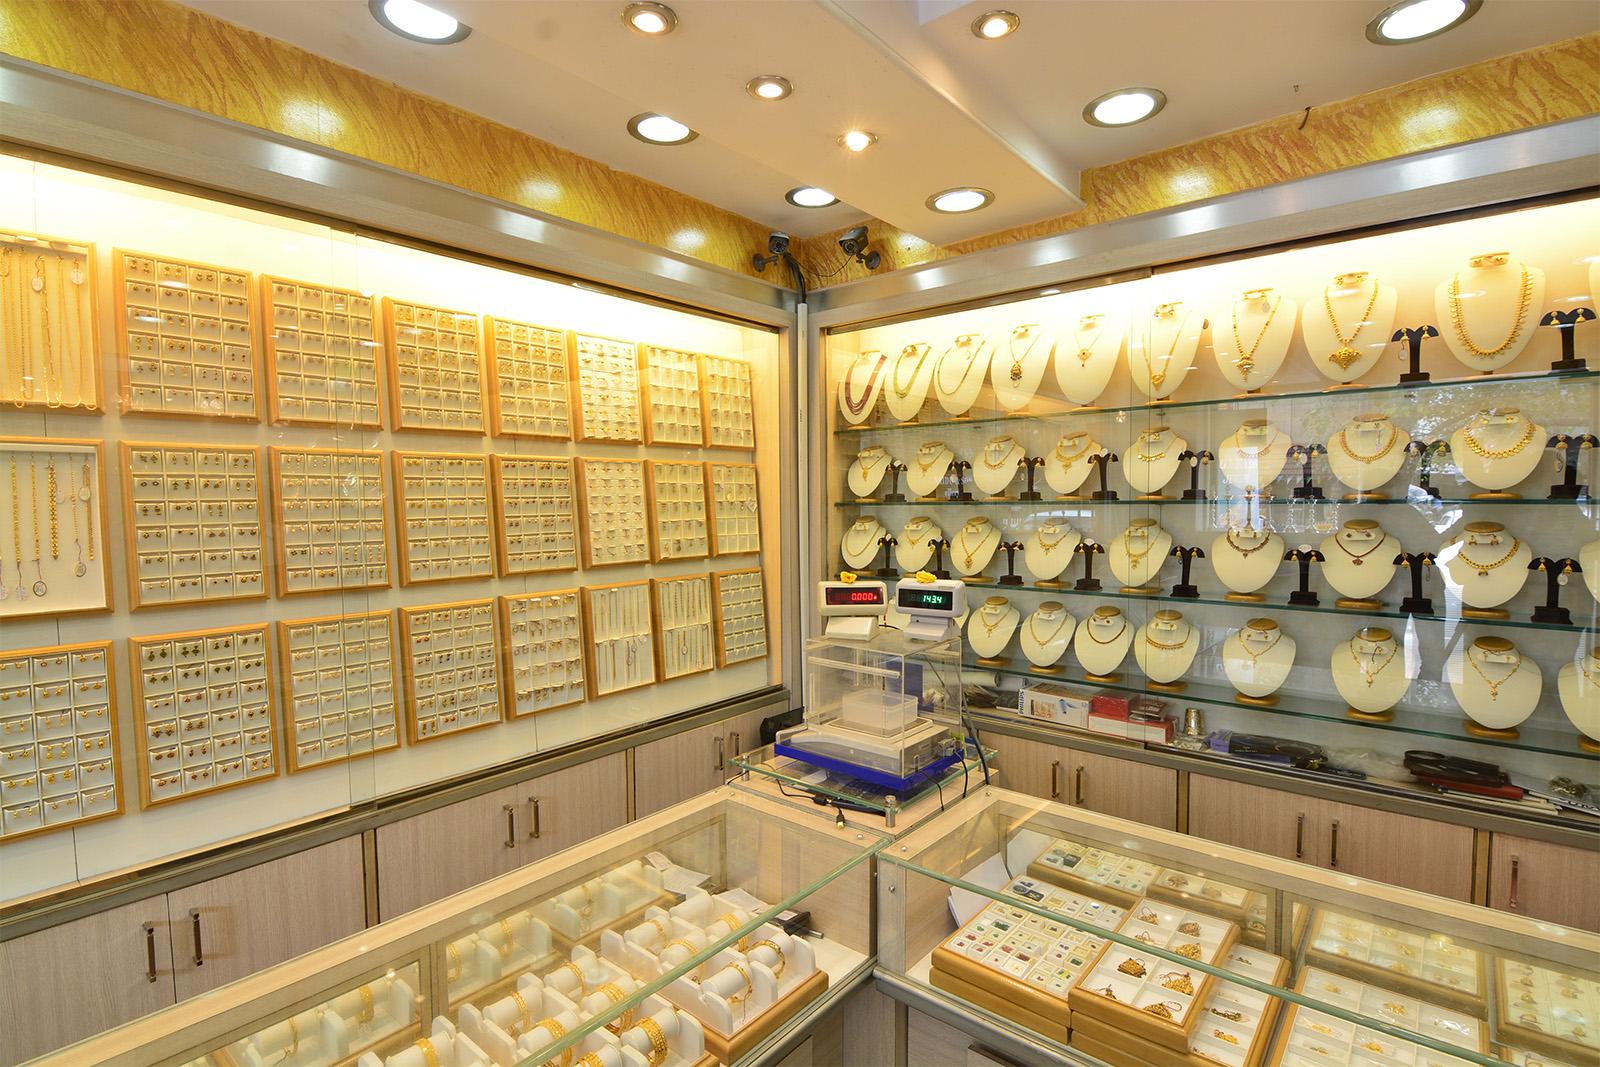 طراحی دکوراسیون داخلی مغازه طلا فروشی